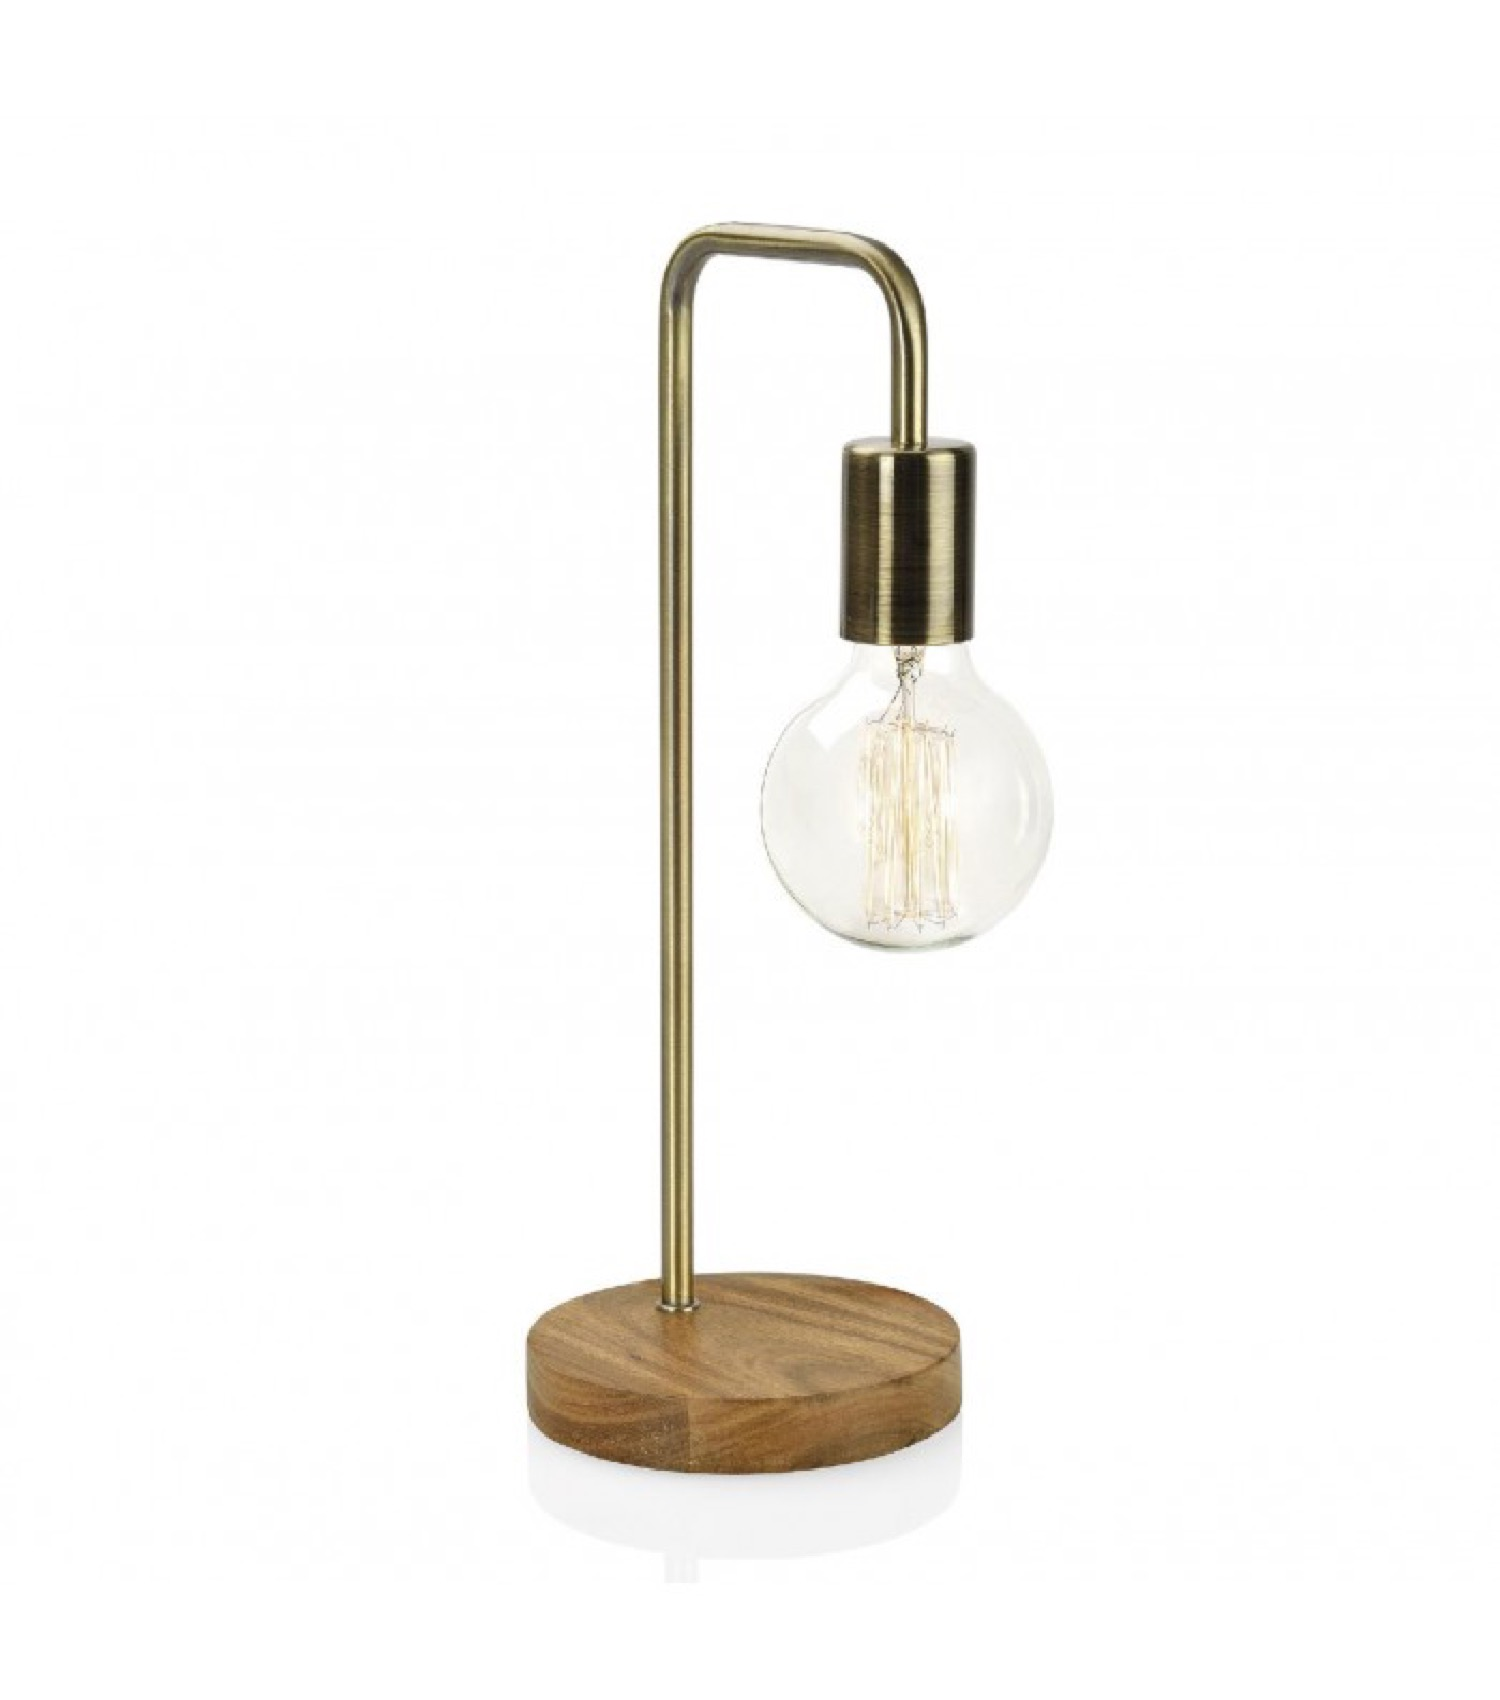 Lampe à poser design en bois et laiton